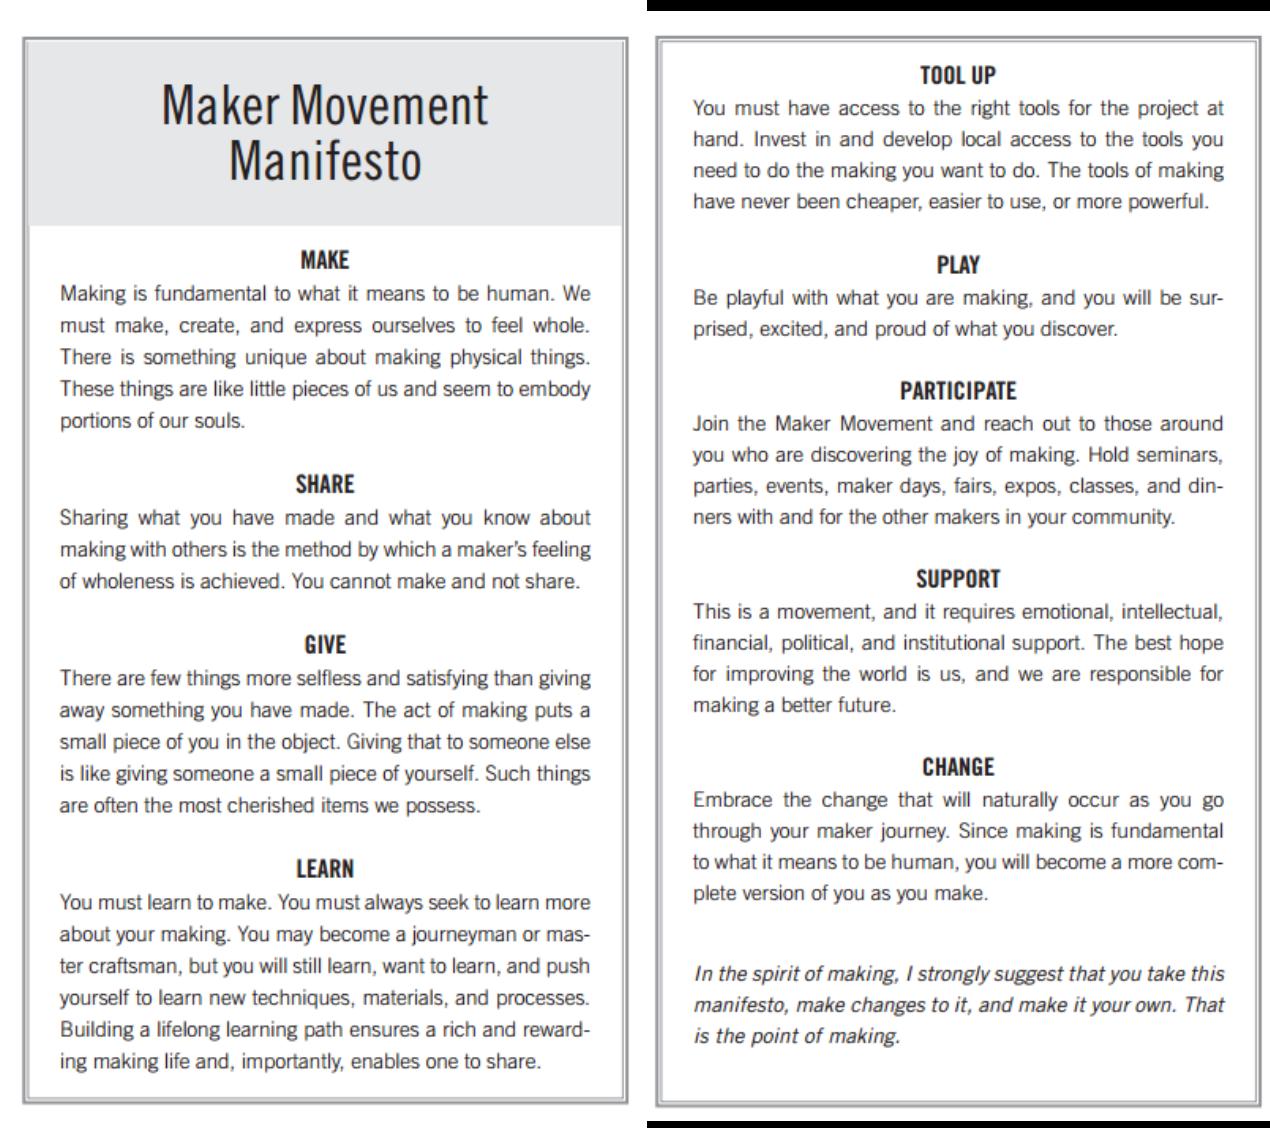 Manifesto_Image